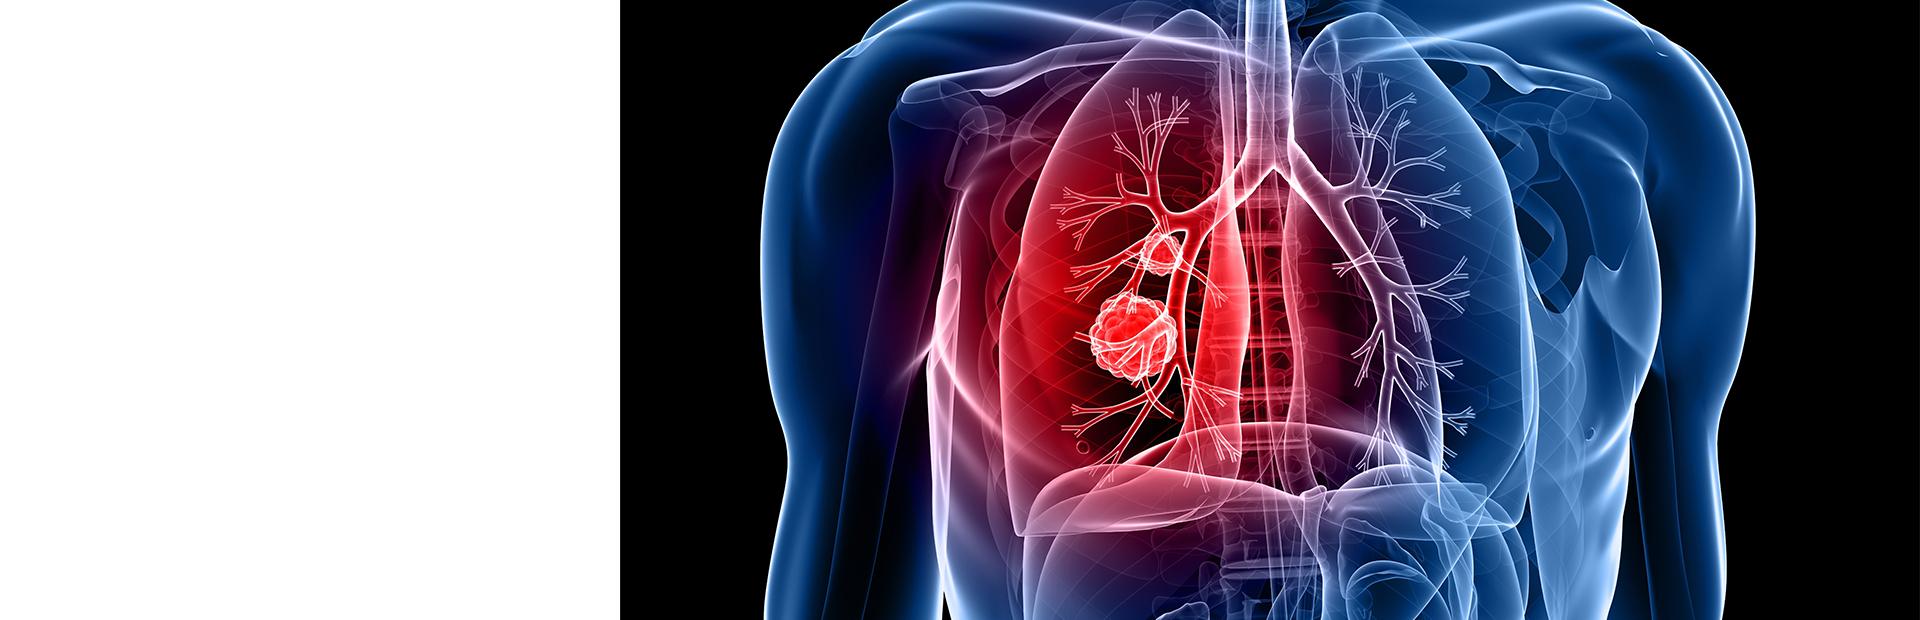 Заболевания легких и сердца